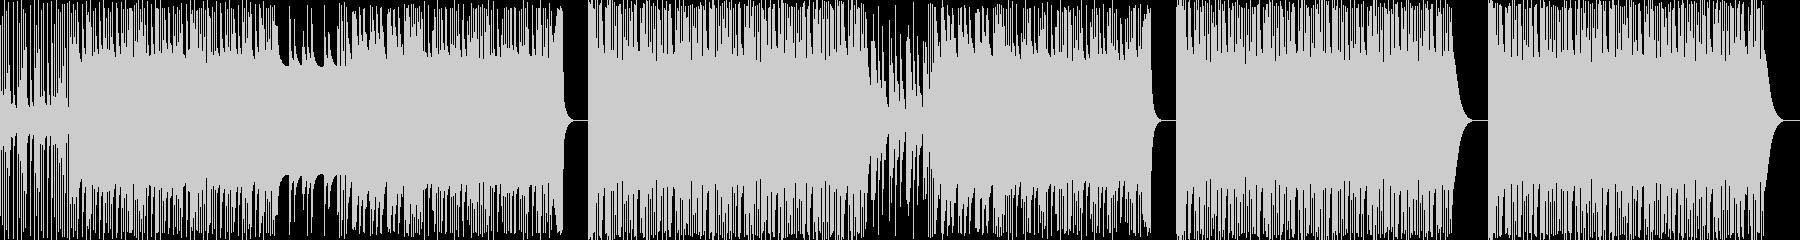 クランク/808/東洋/ヒップホップ#2の未再生の波形